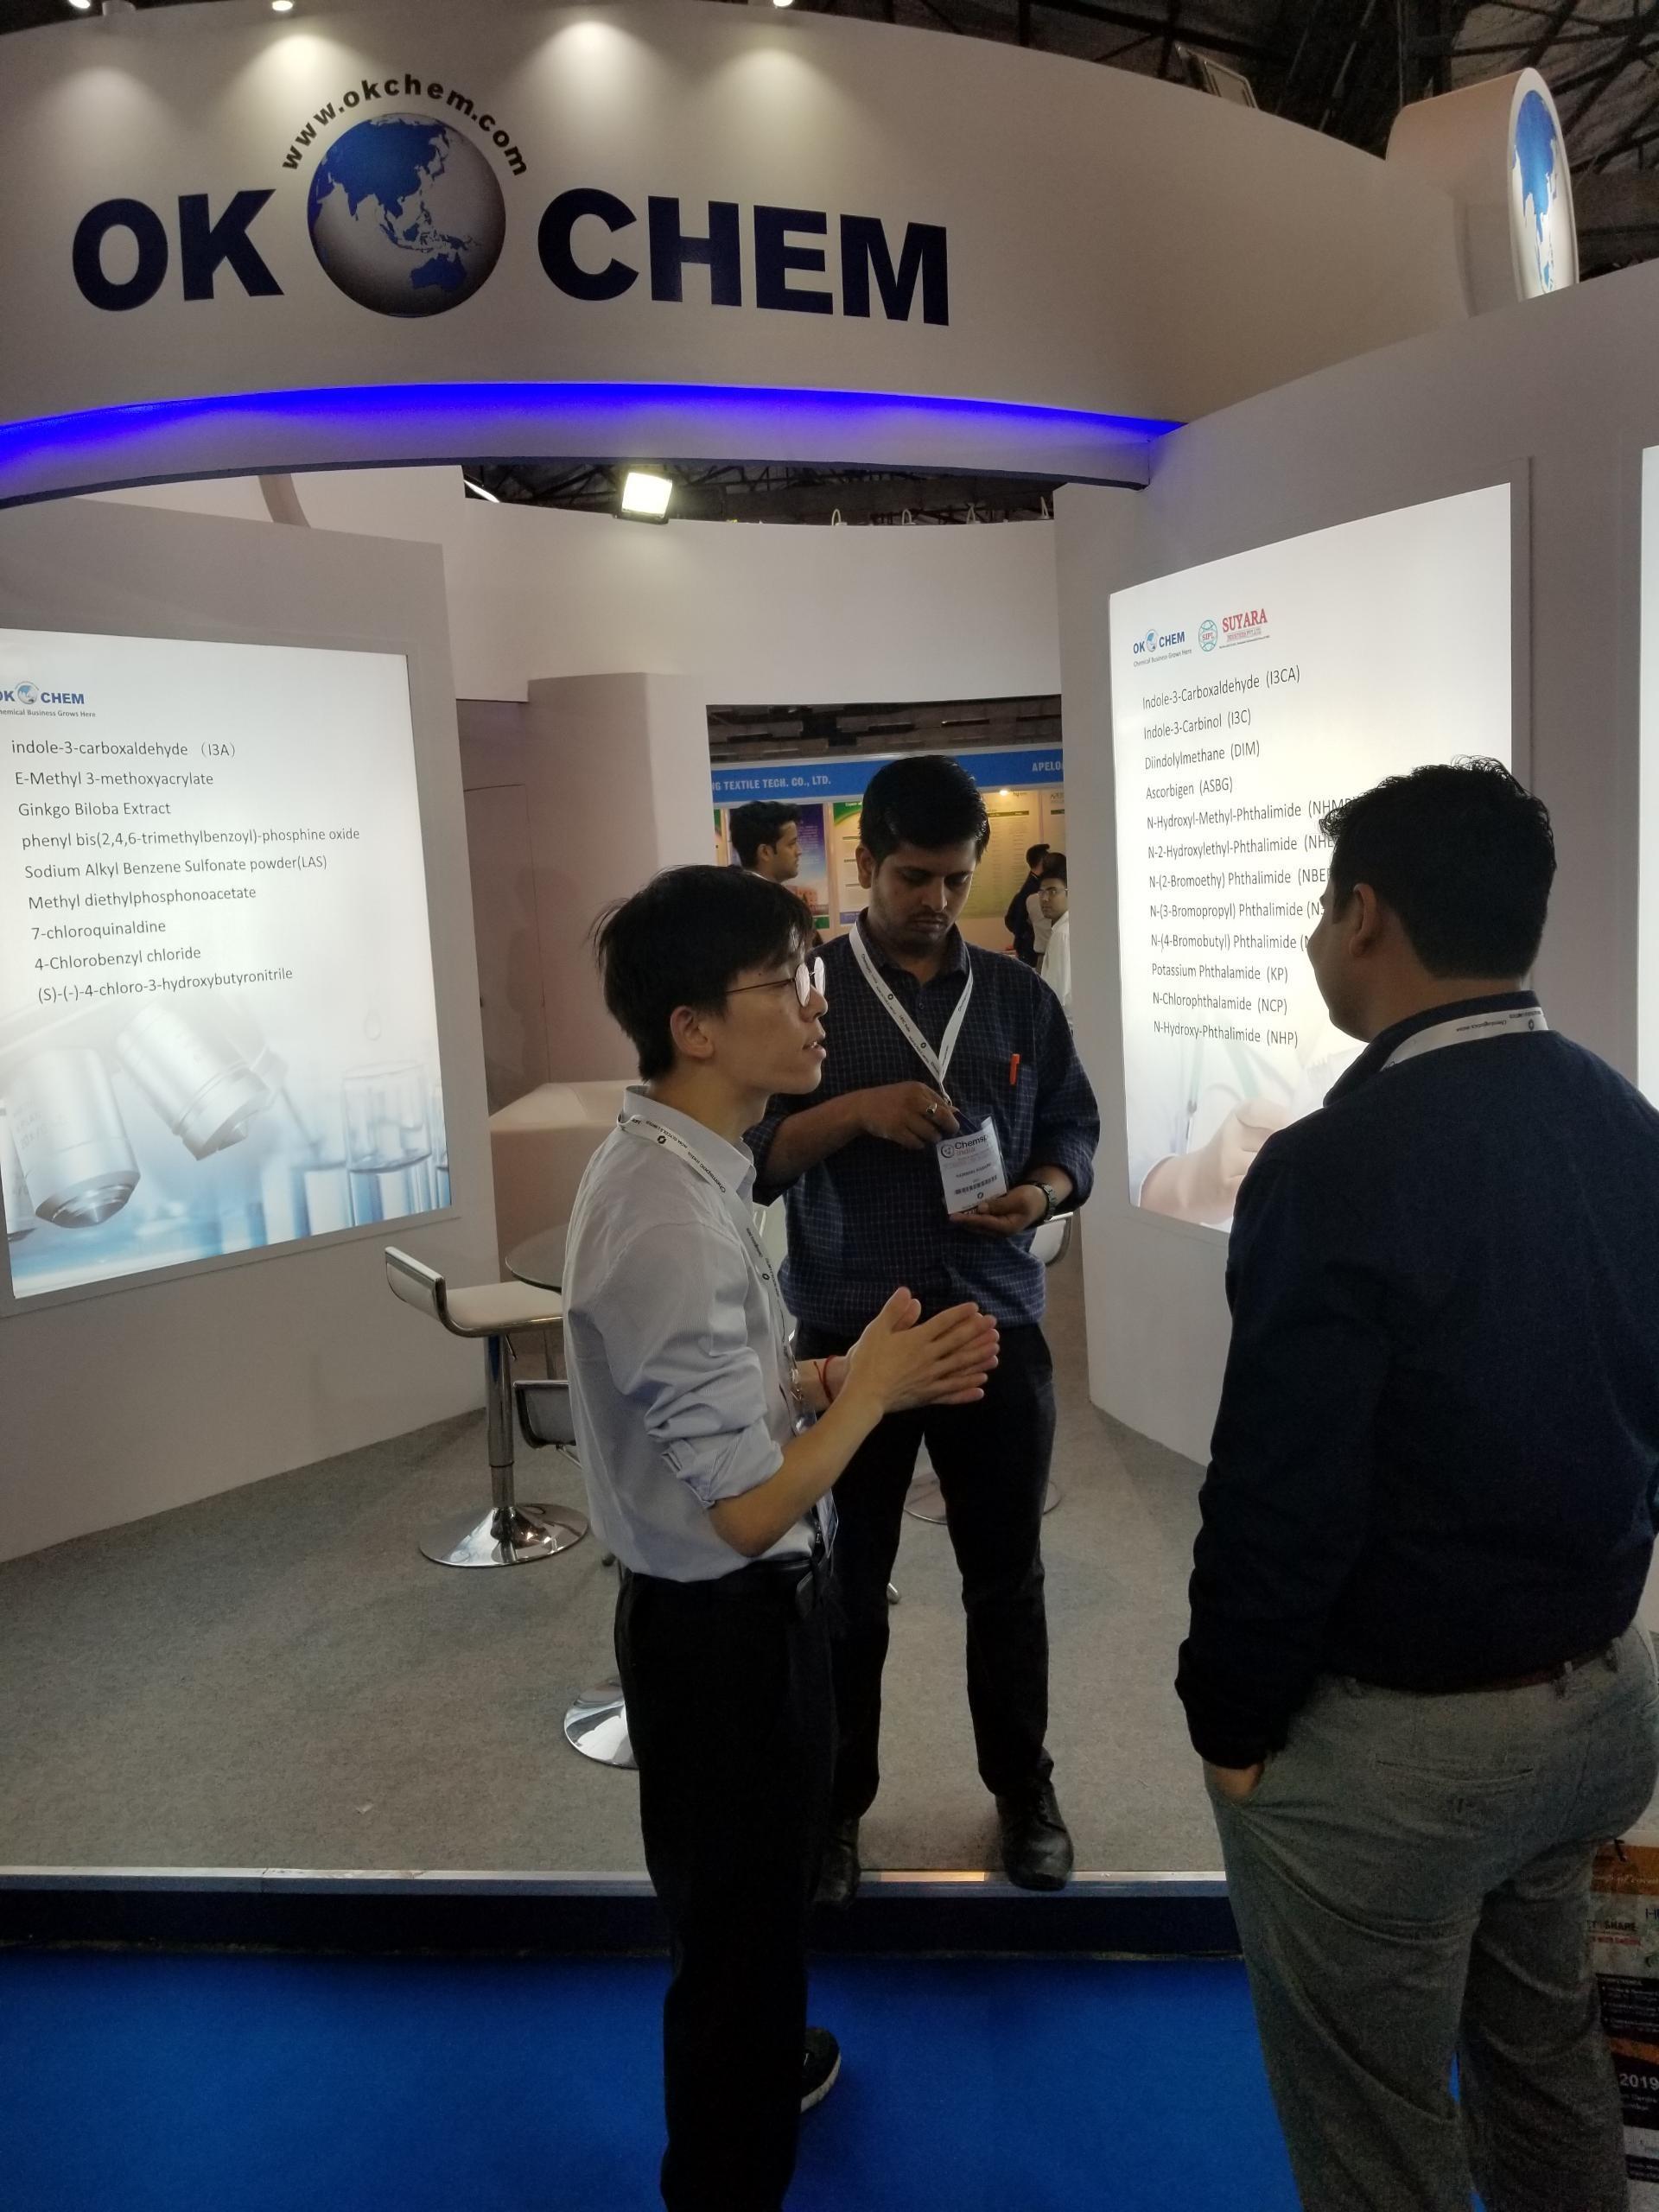 OKCHEM Shone at the ChemSpec India 2019 - OKCHEM - Global